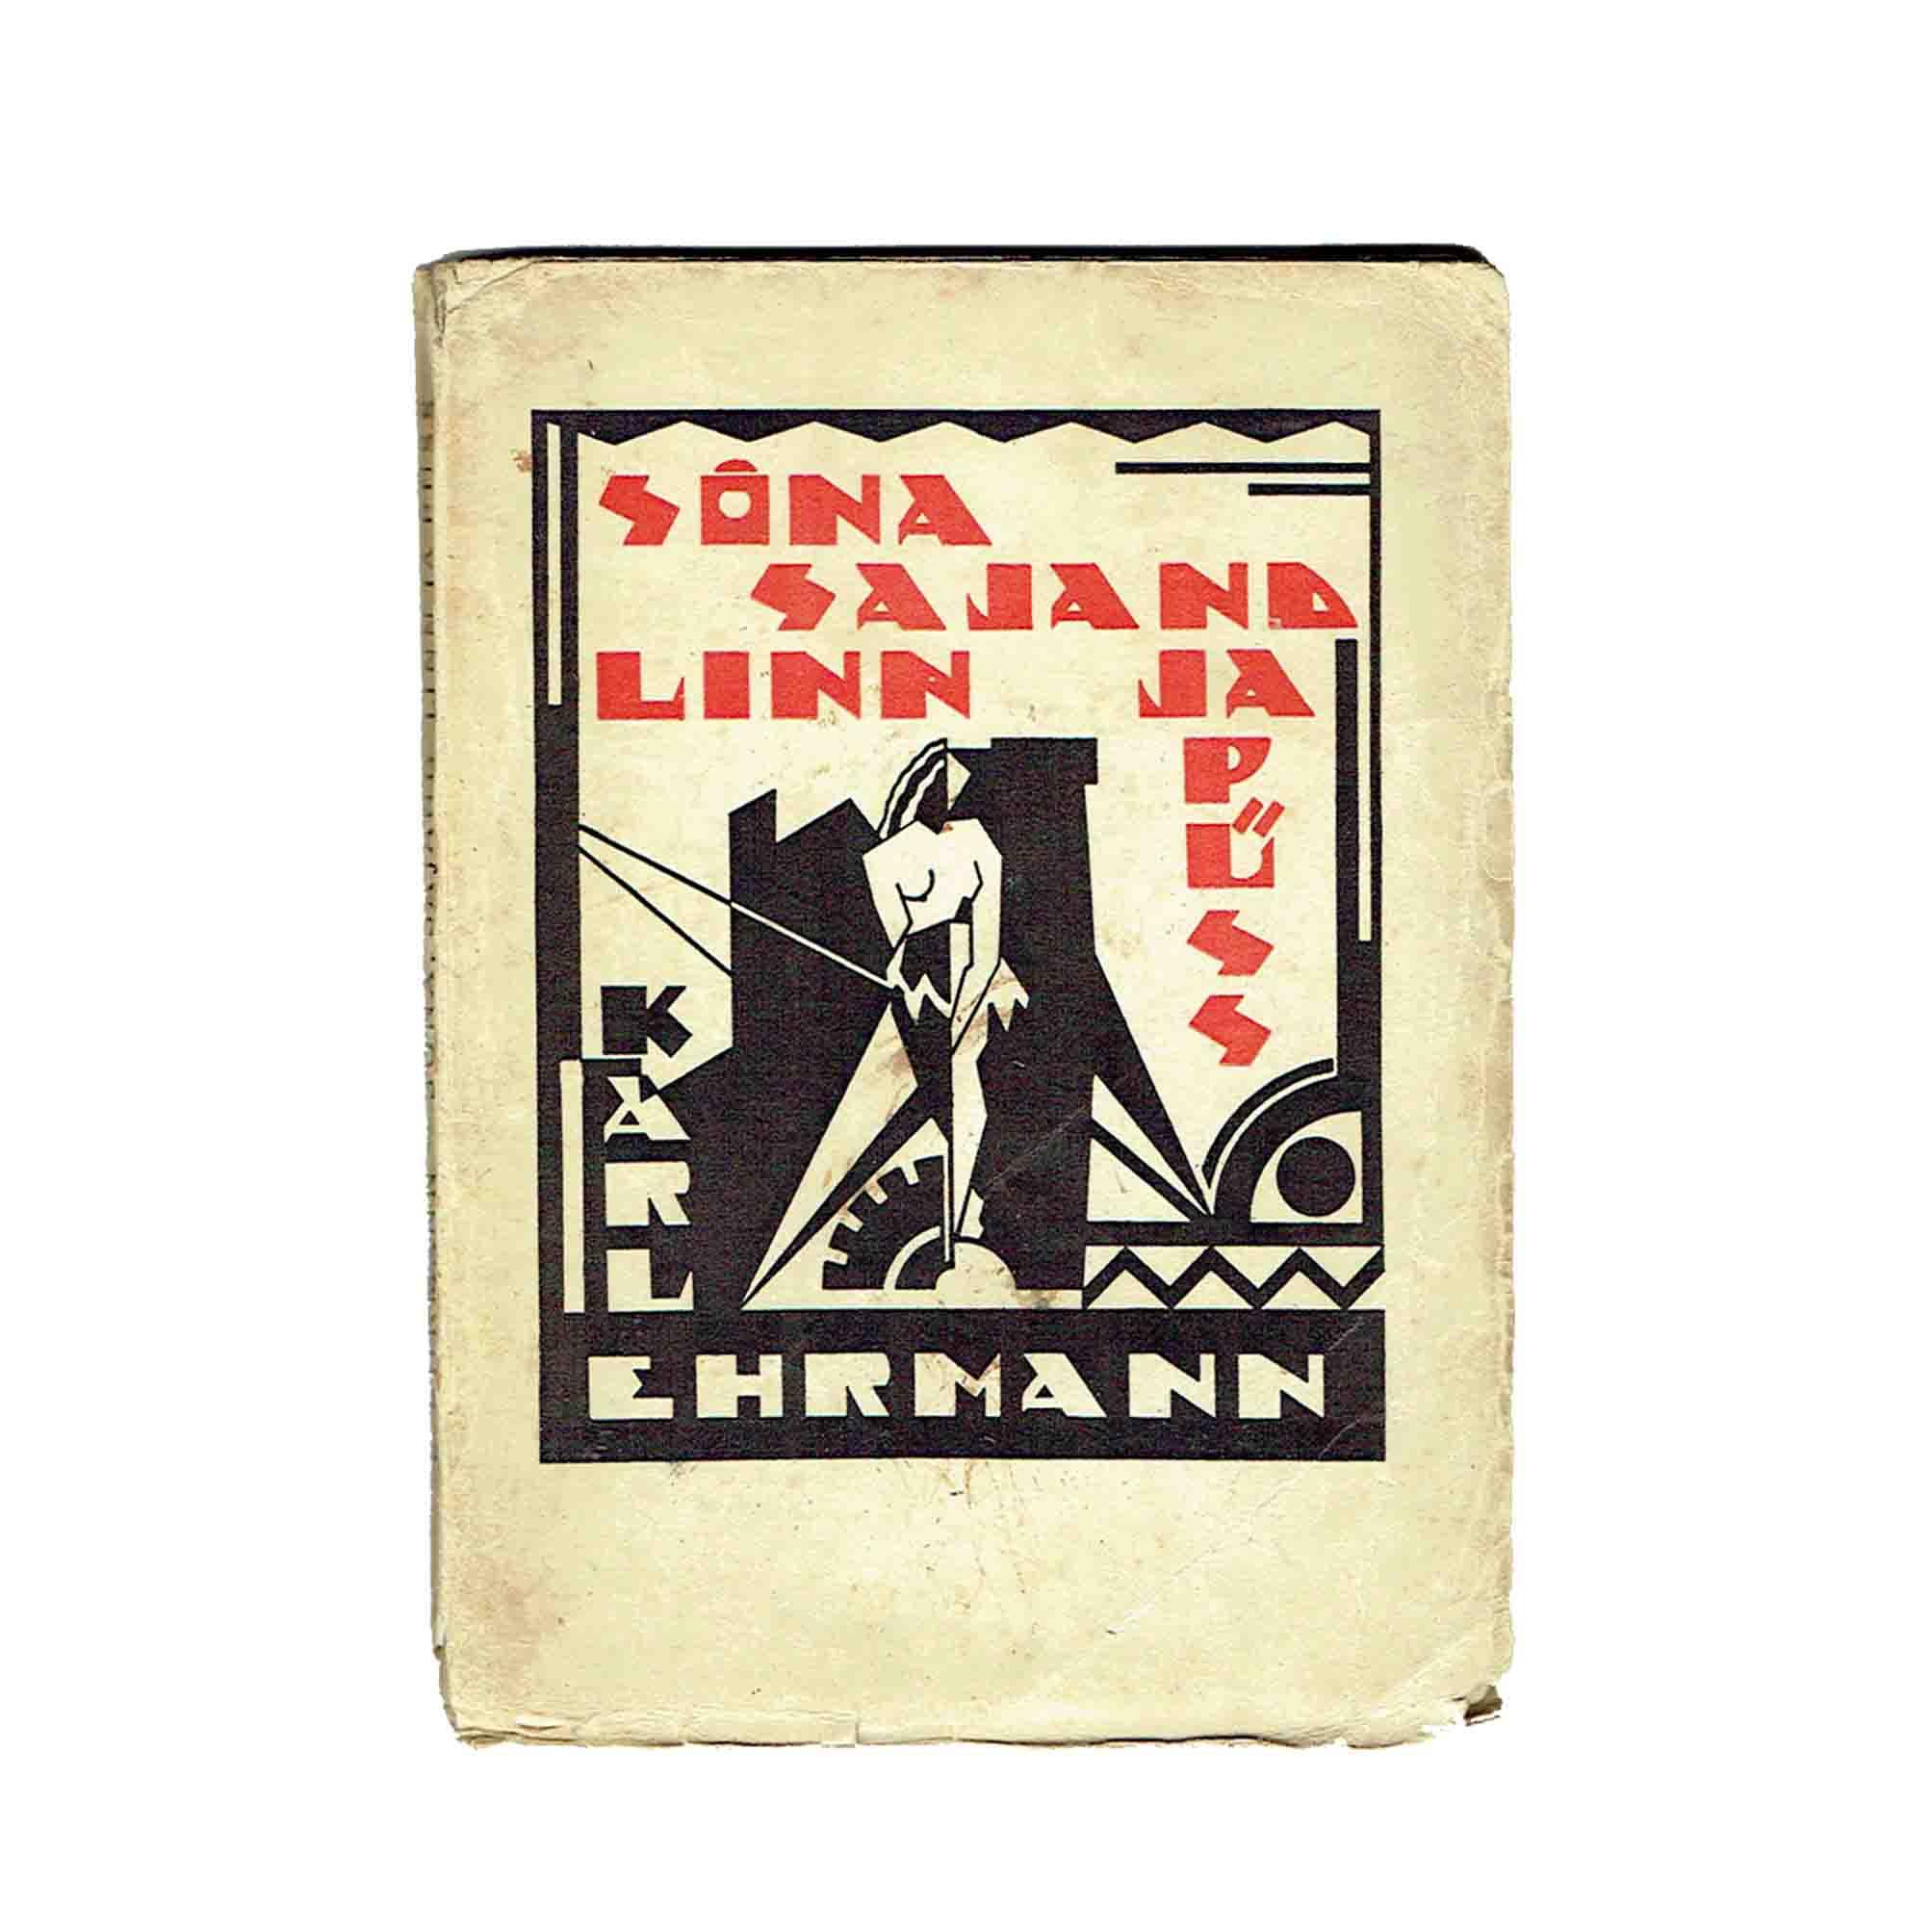 5829K-Ehrmann-Jaaska-Sona1927-Umschlag-recto-frei-N.jpg